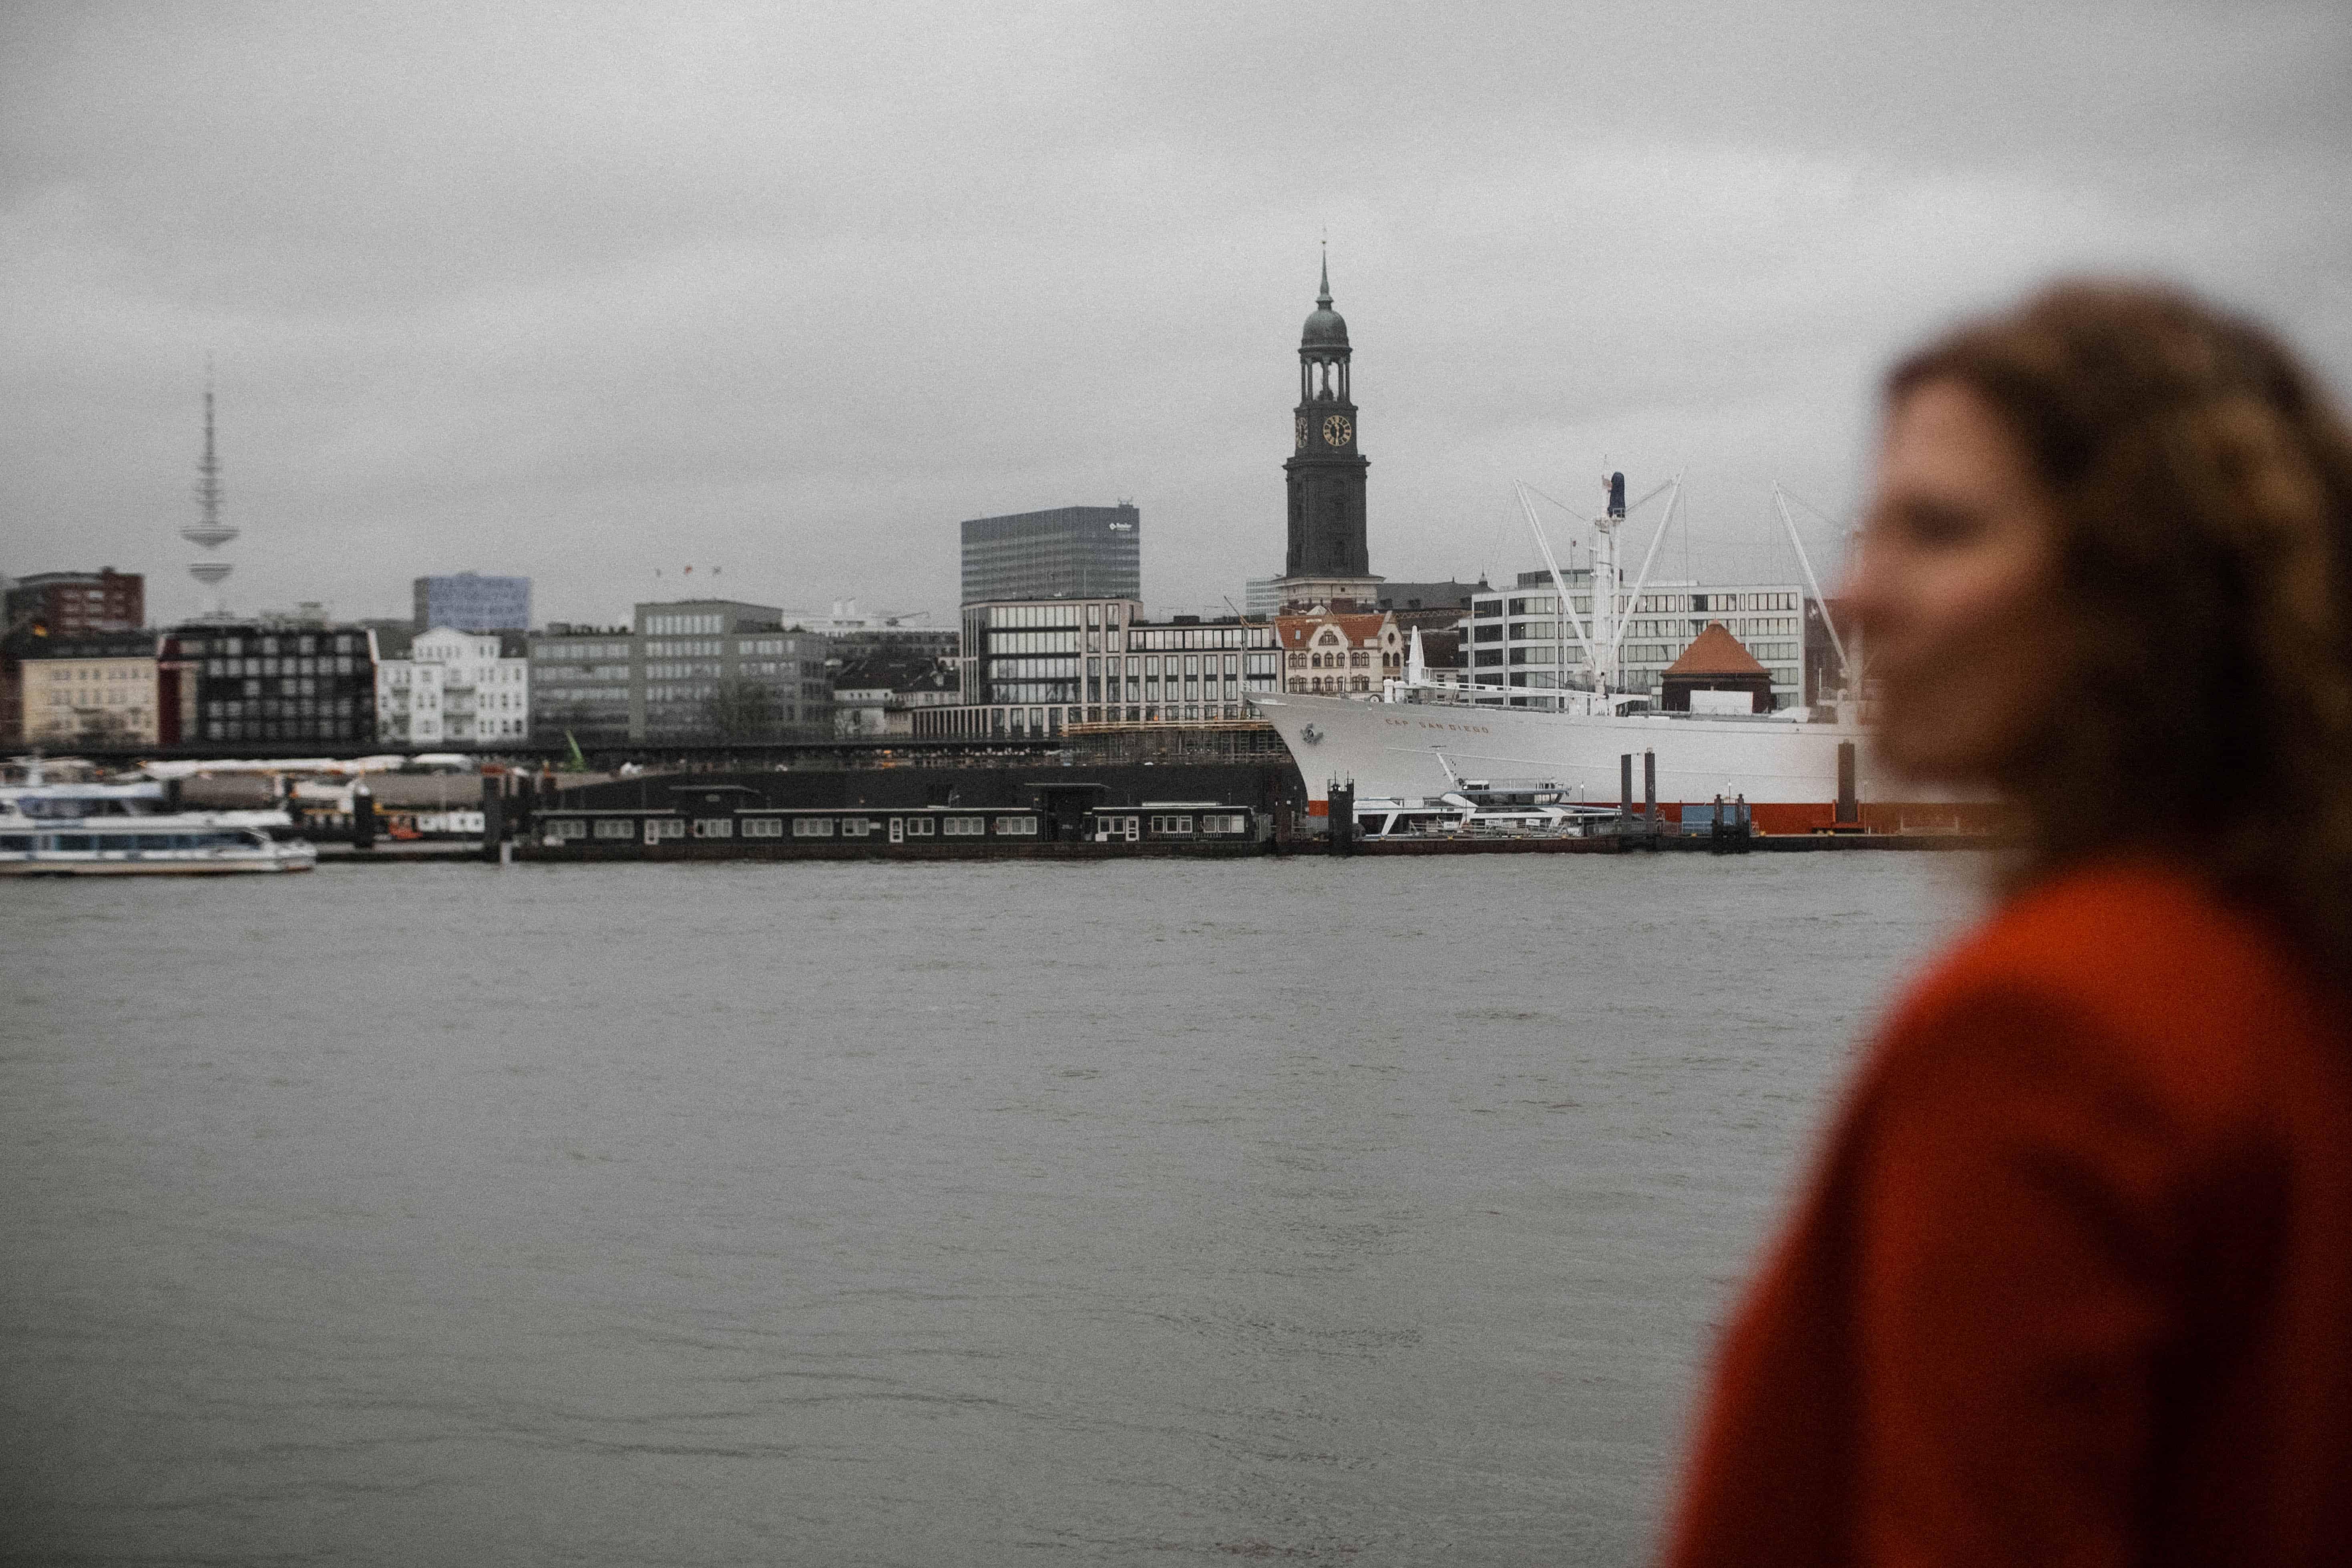 eine Frau ist im Vordergrund, sie schaut zur Seite, im Hintergrund ist der Hafen von Hamburg zu sehen